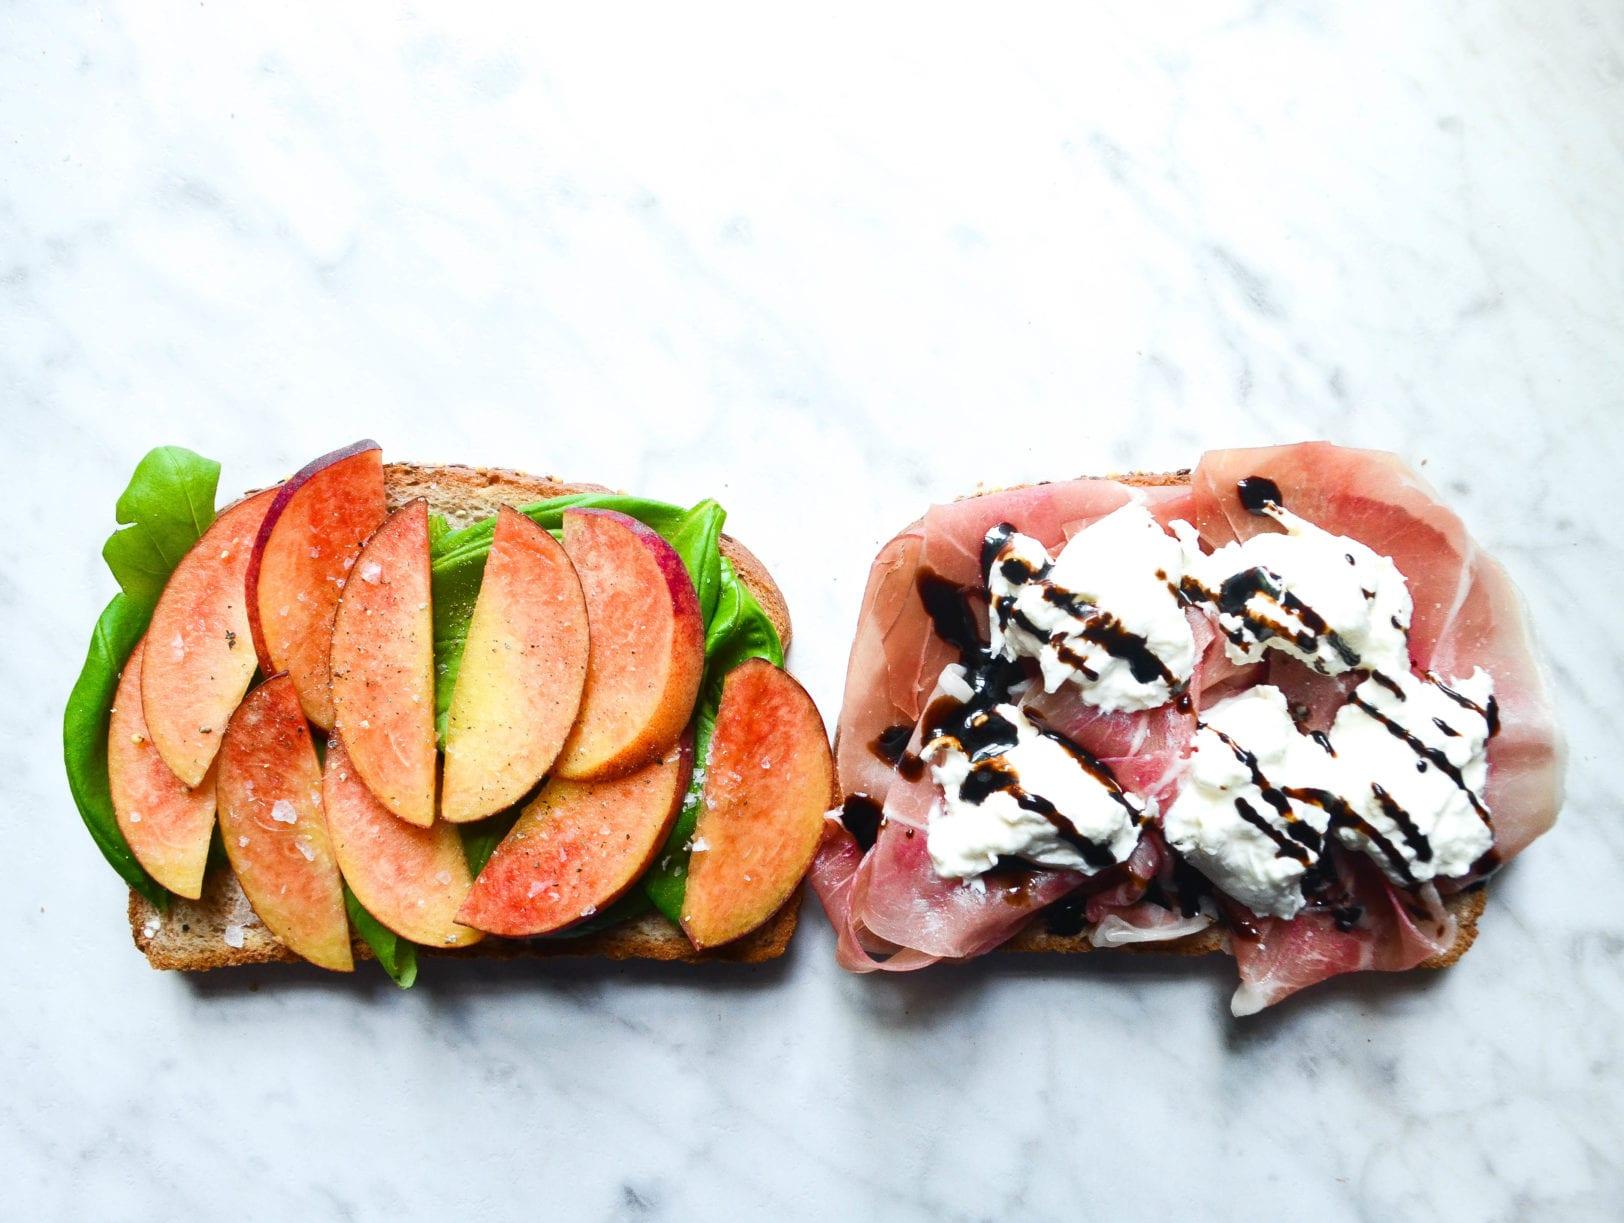 Peach Prosciutto Sandwich with Burrata